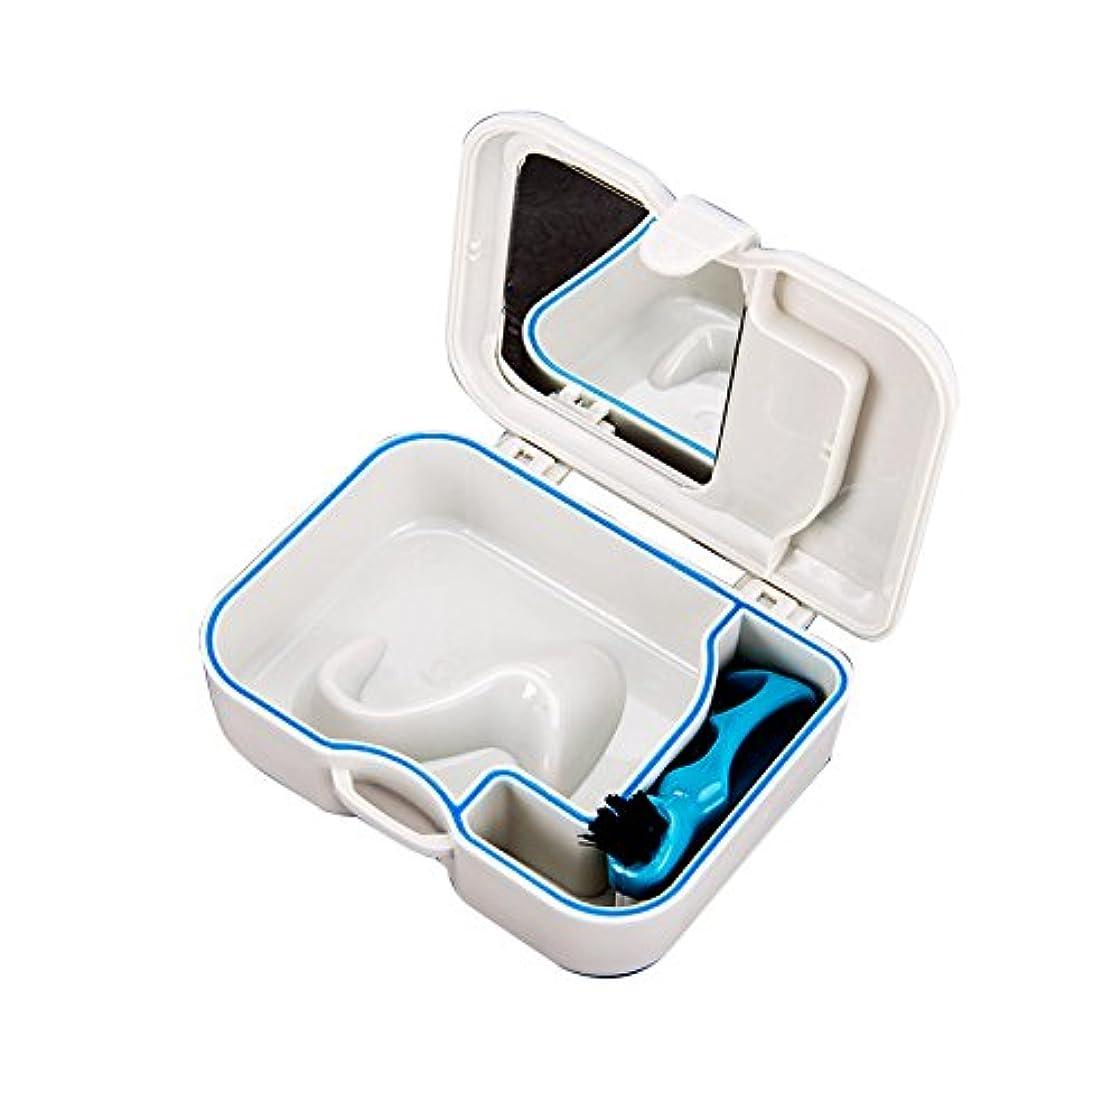 多くの危険がある状況テメリティクリークLiebeye 義歯 ボックス ケース 旅行 歯科 偽歯すすぎ 乾燥 コンパクト リーク-プルーフ保管容器 偽歯 ホルダー バスケット